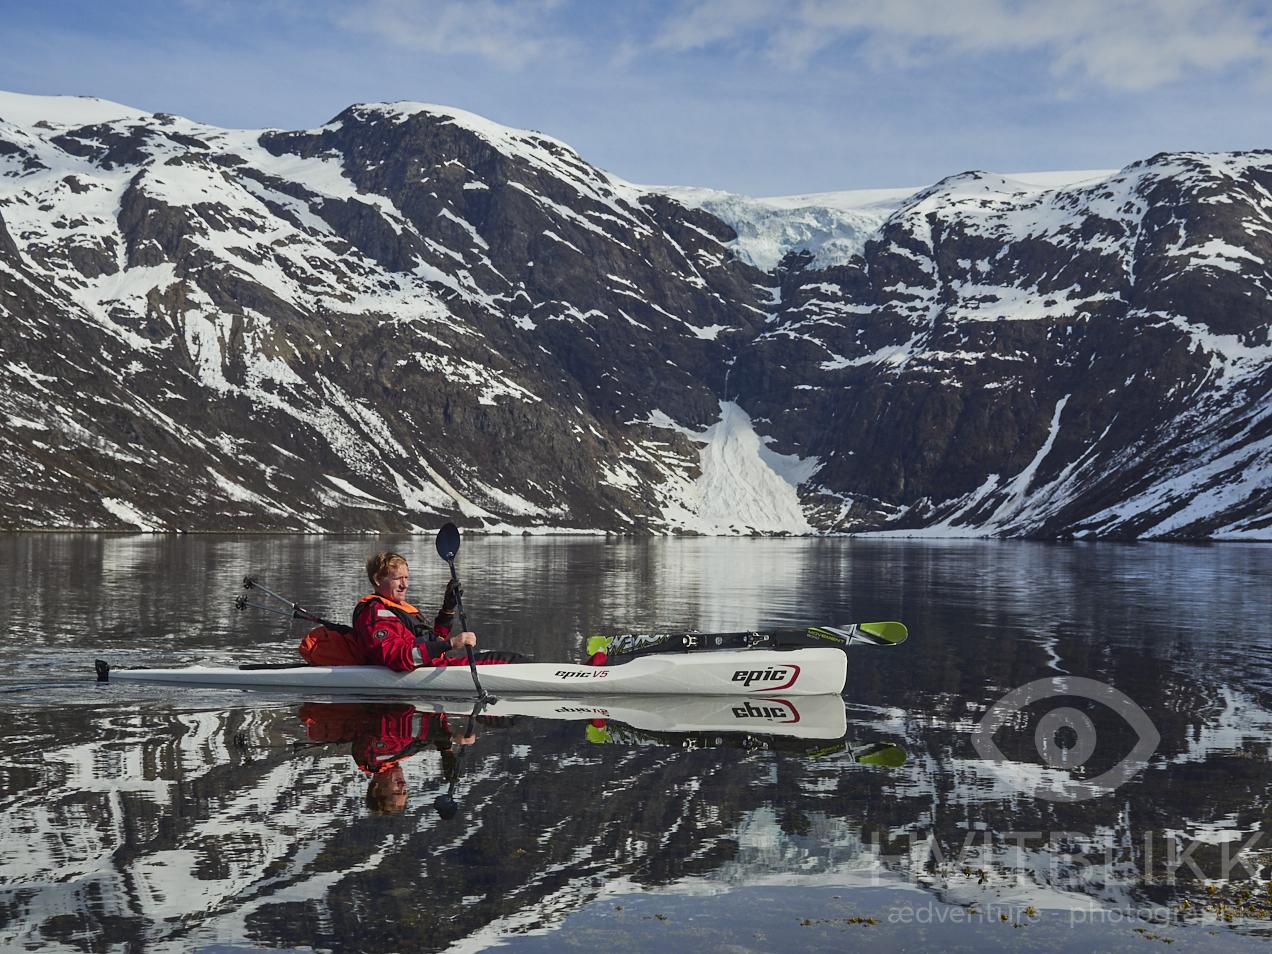 VG reise - Opplev Finnmarksalpene med ski og kajakk